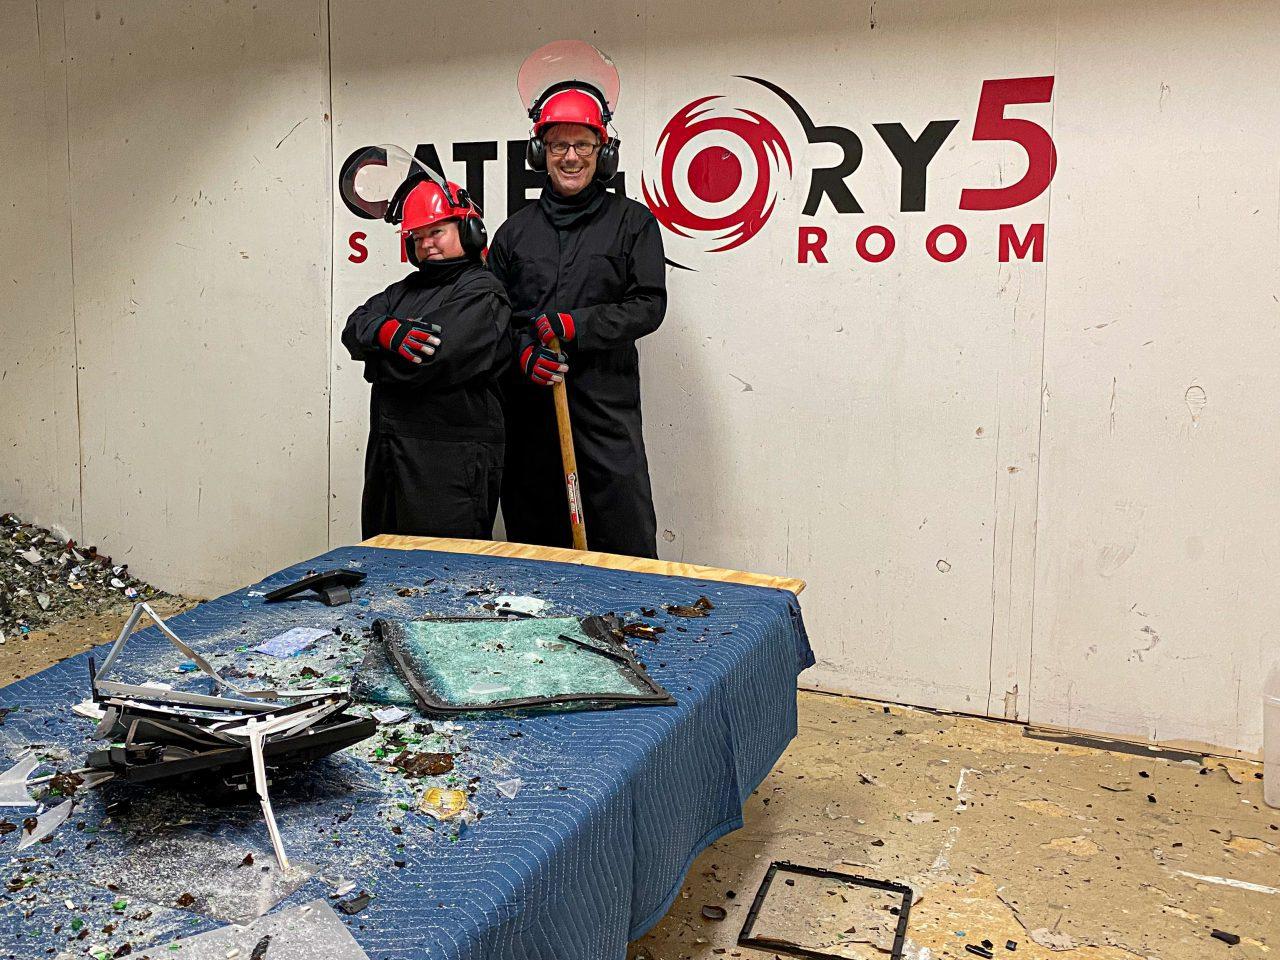 Category 5 Smashroom